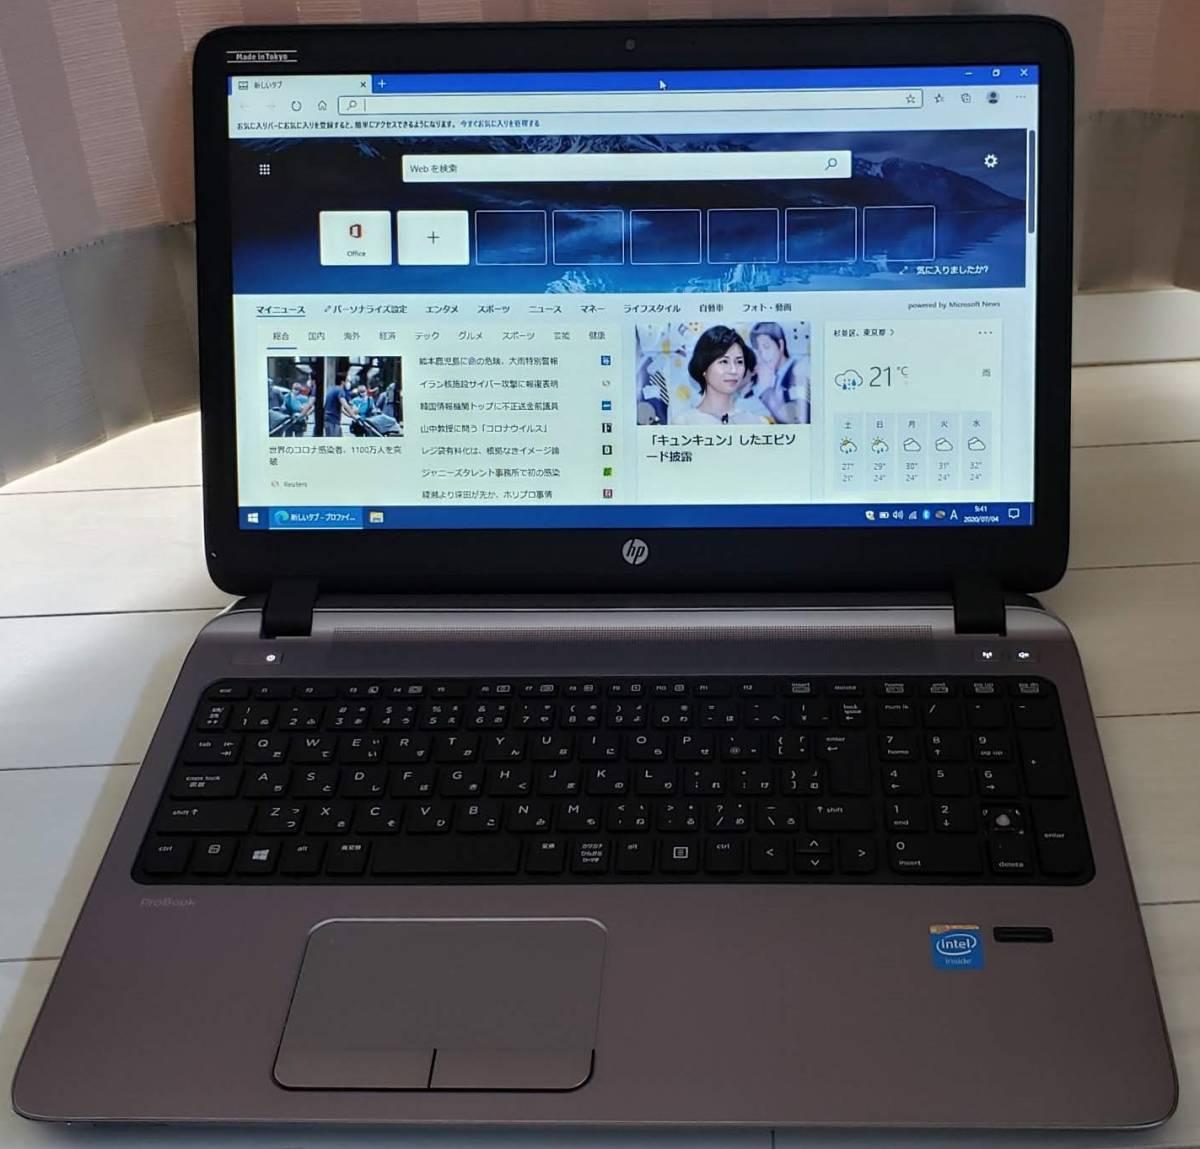 【送料無料】HP ProBook 450 G2 中古/Windows10 Pro 64bit/Celeron プロセッサー 2957U 1.4GHz/RAM 4GB/HDD 150GB/カメラ/無線/ジャンク_画像1